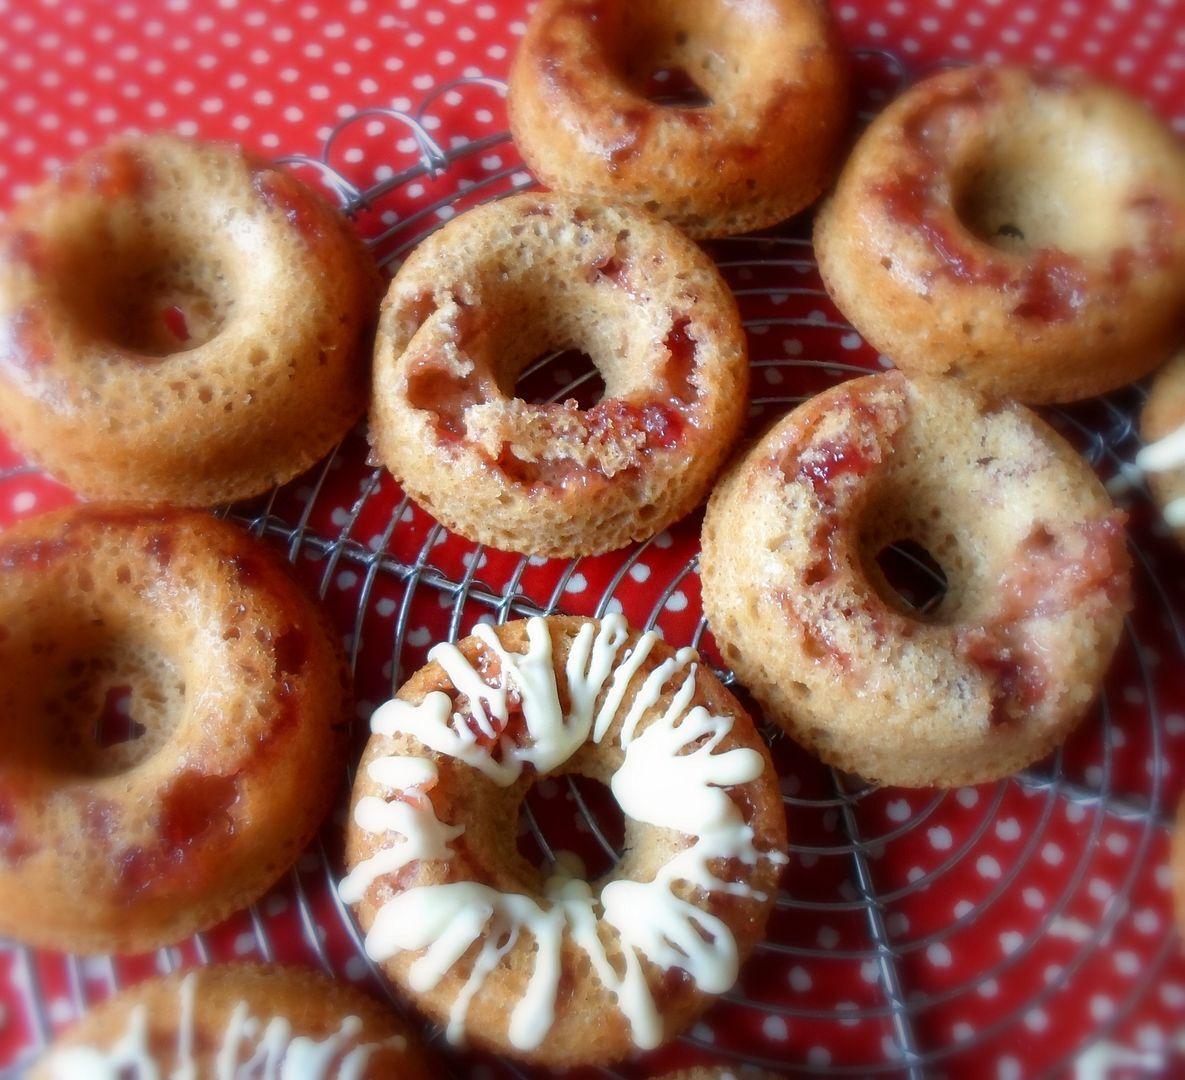 jam donuts